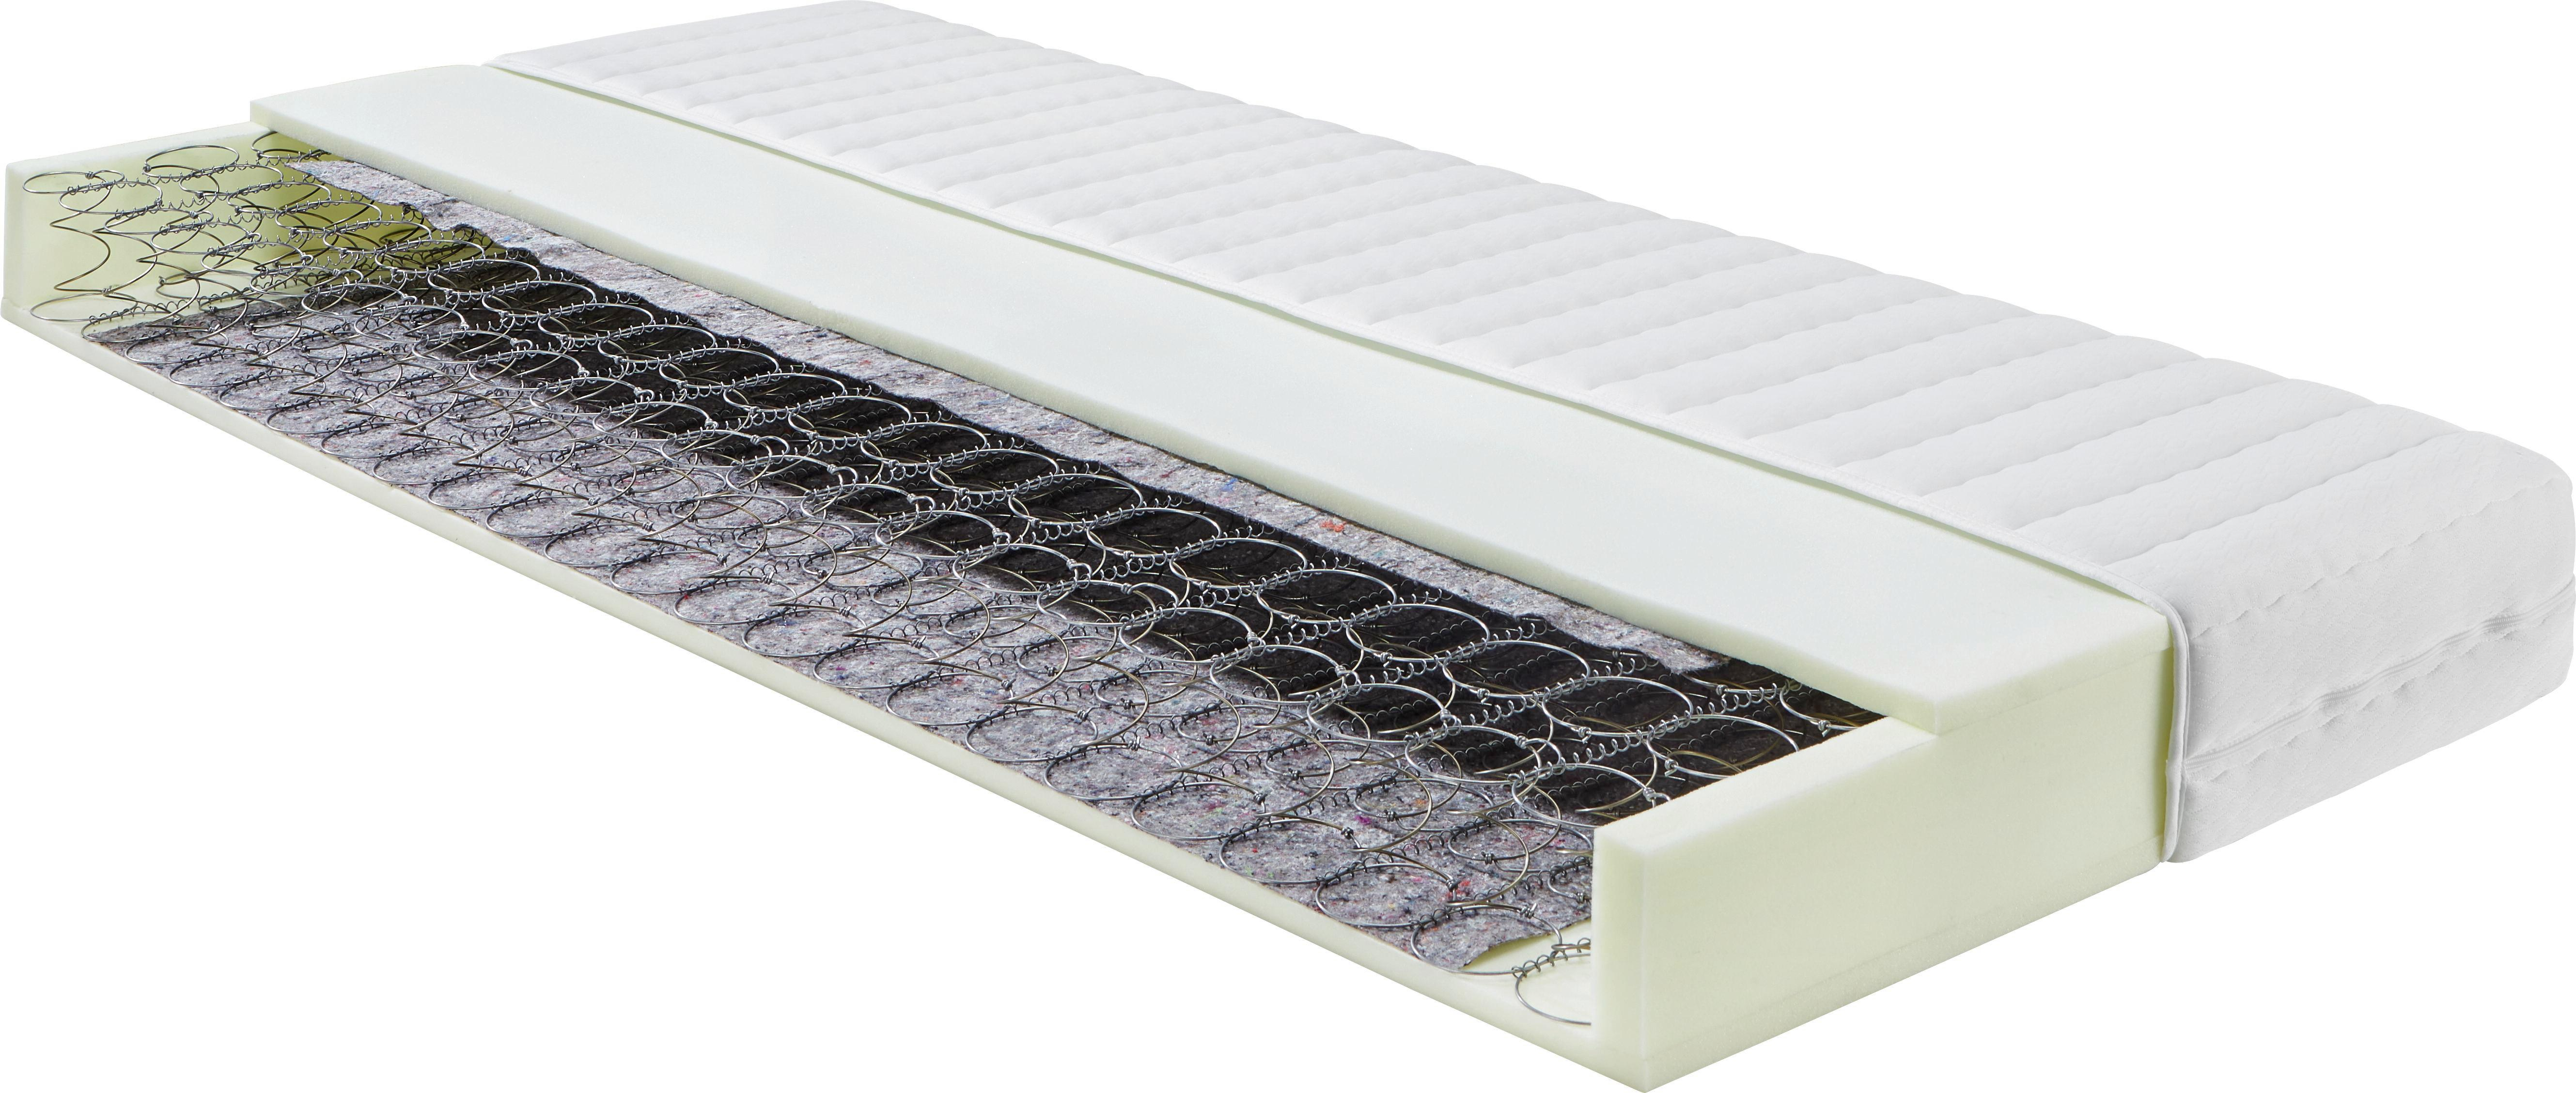 Federkernmatratze Bonellfederkern ca. 120x200cm - Weiß, KONVENTIONELL, Textil (200/120/16cm) - NADANA